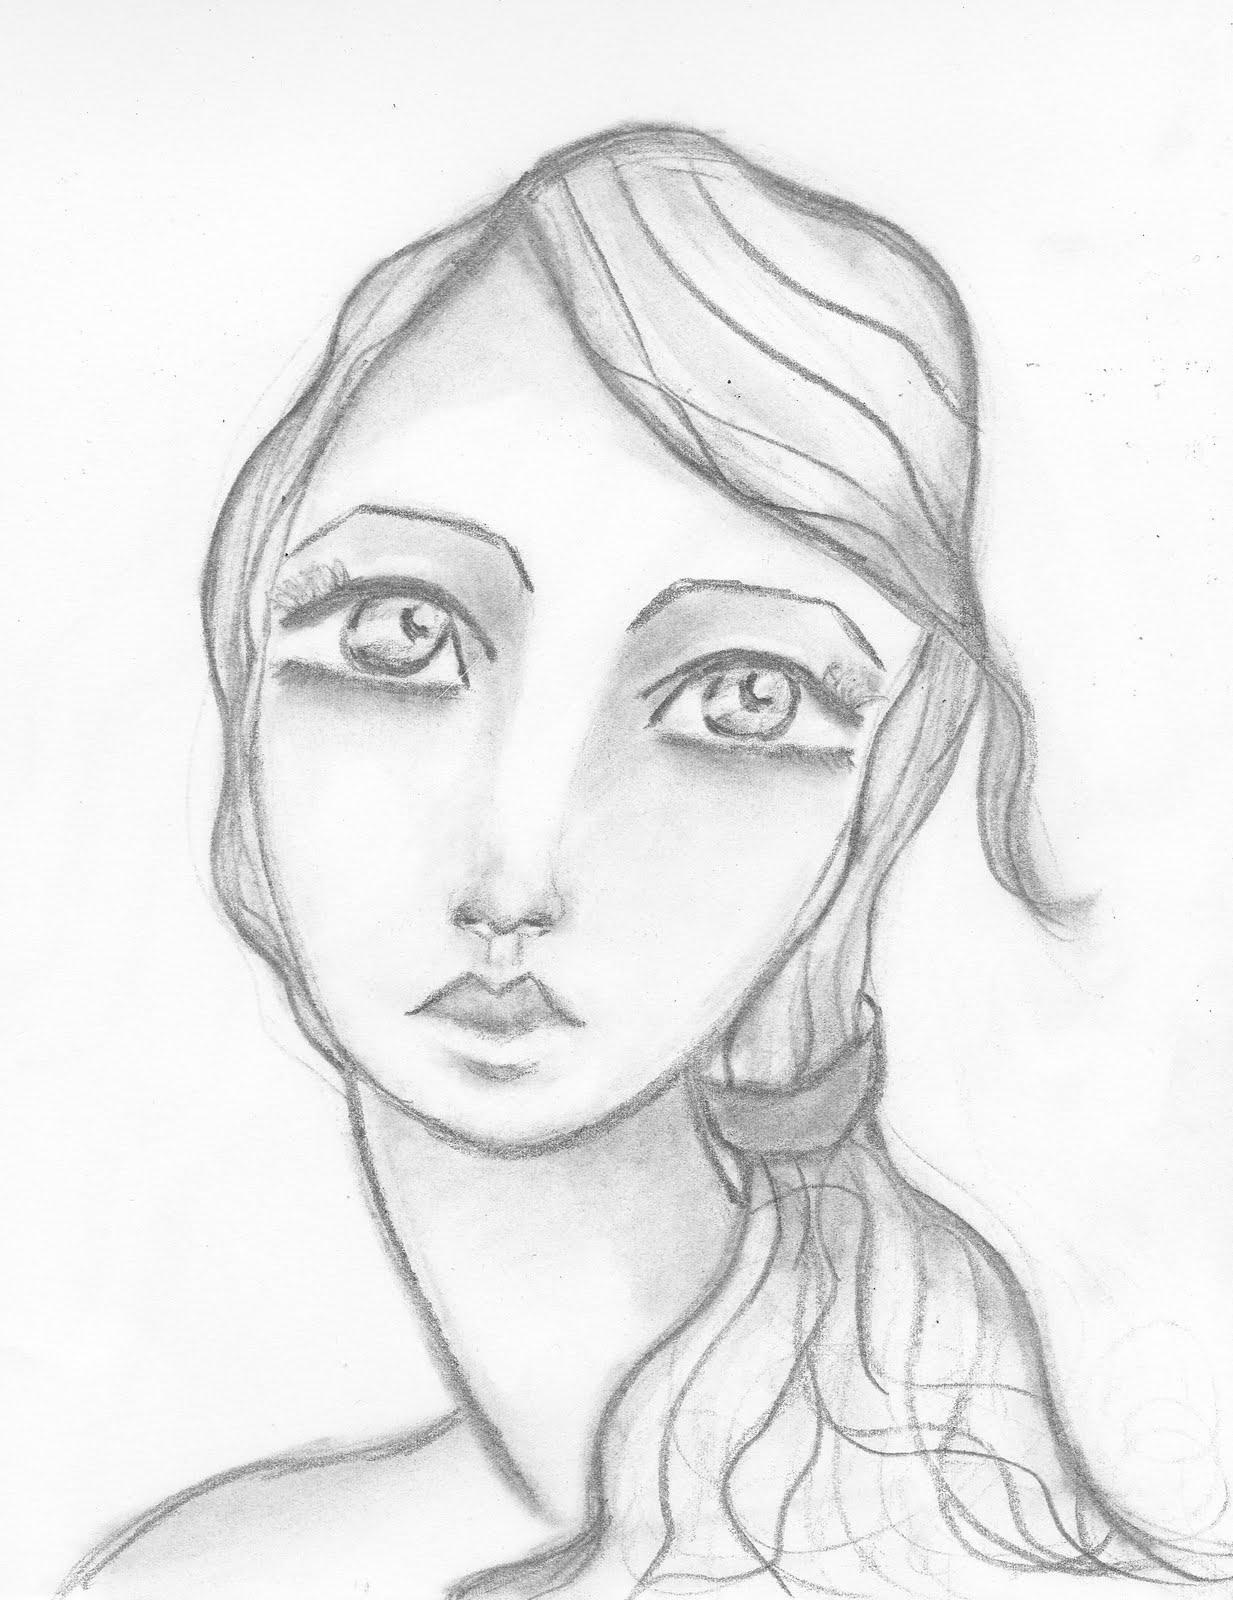 http://2.bp.blogspot.com/-n_kjCDyoagE/TpGb7CaiBxI/AAAAAAAAB4I/IwYjG77b-xk/s1600/ponytailgirl.jpg